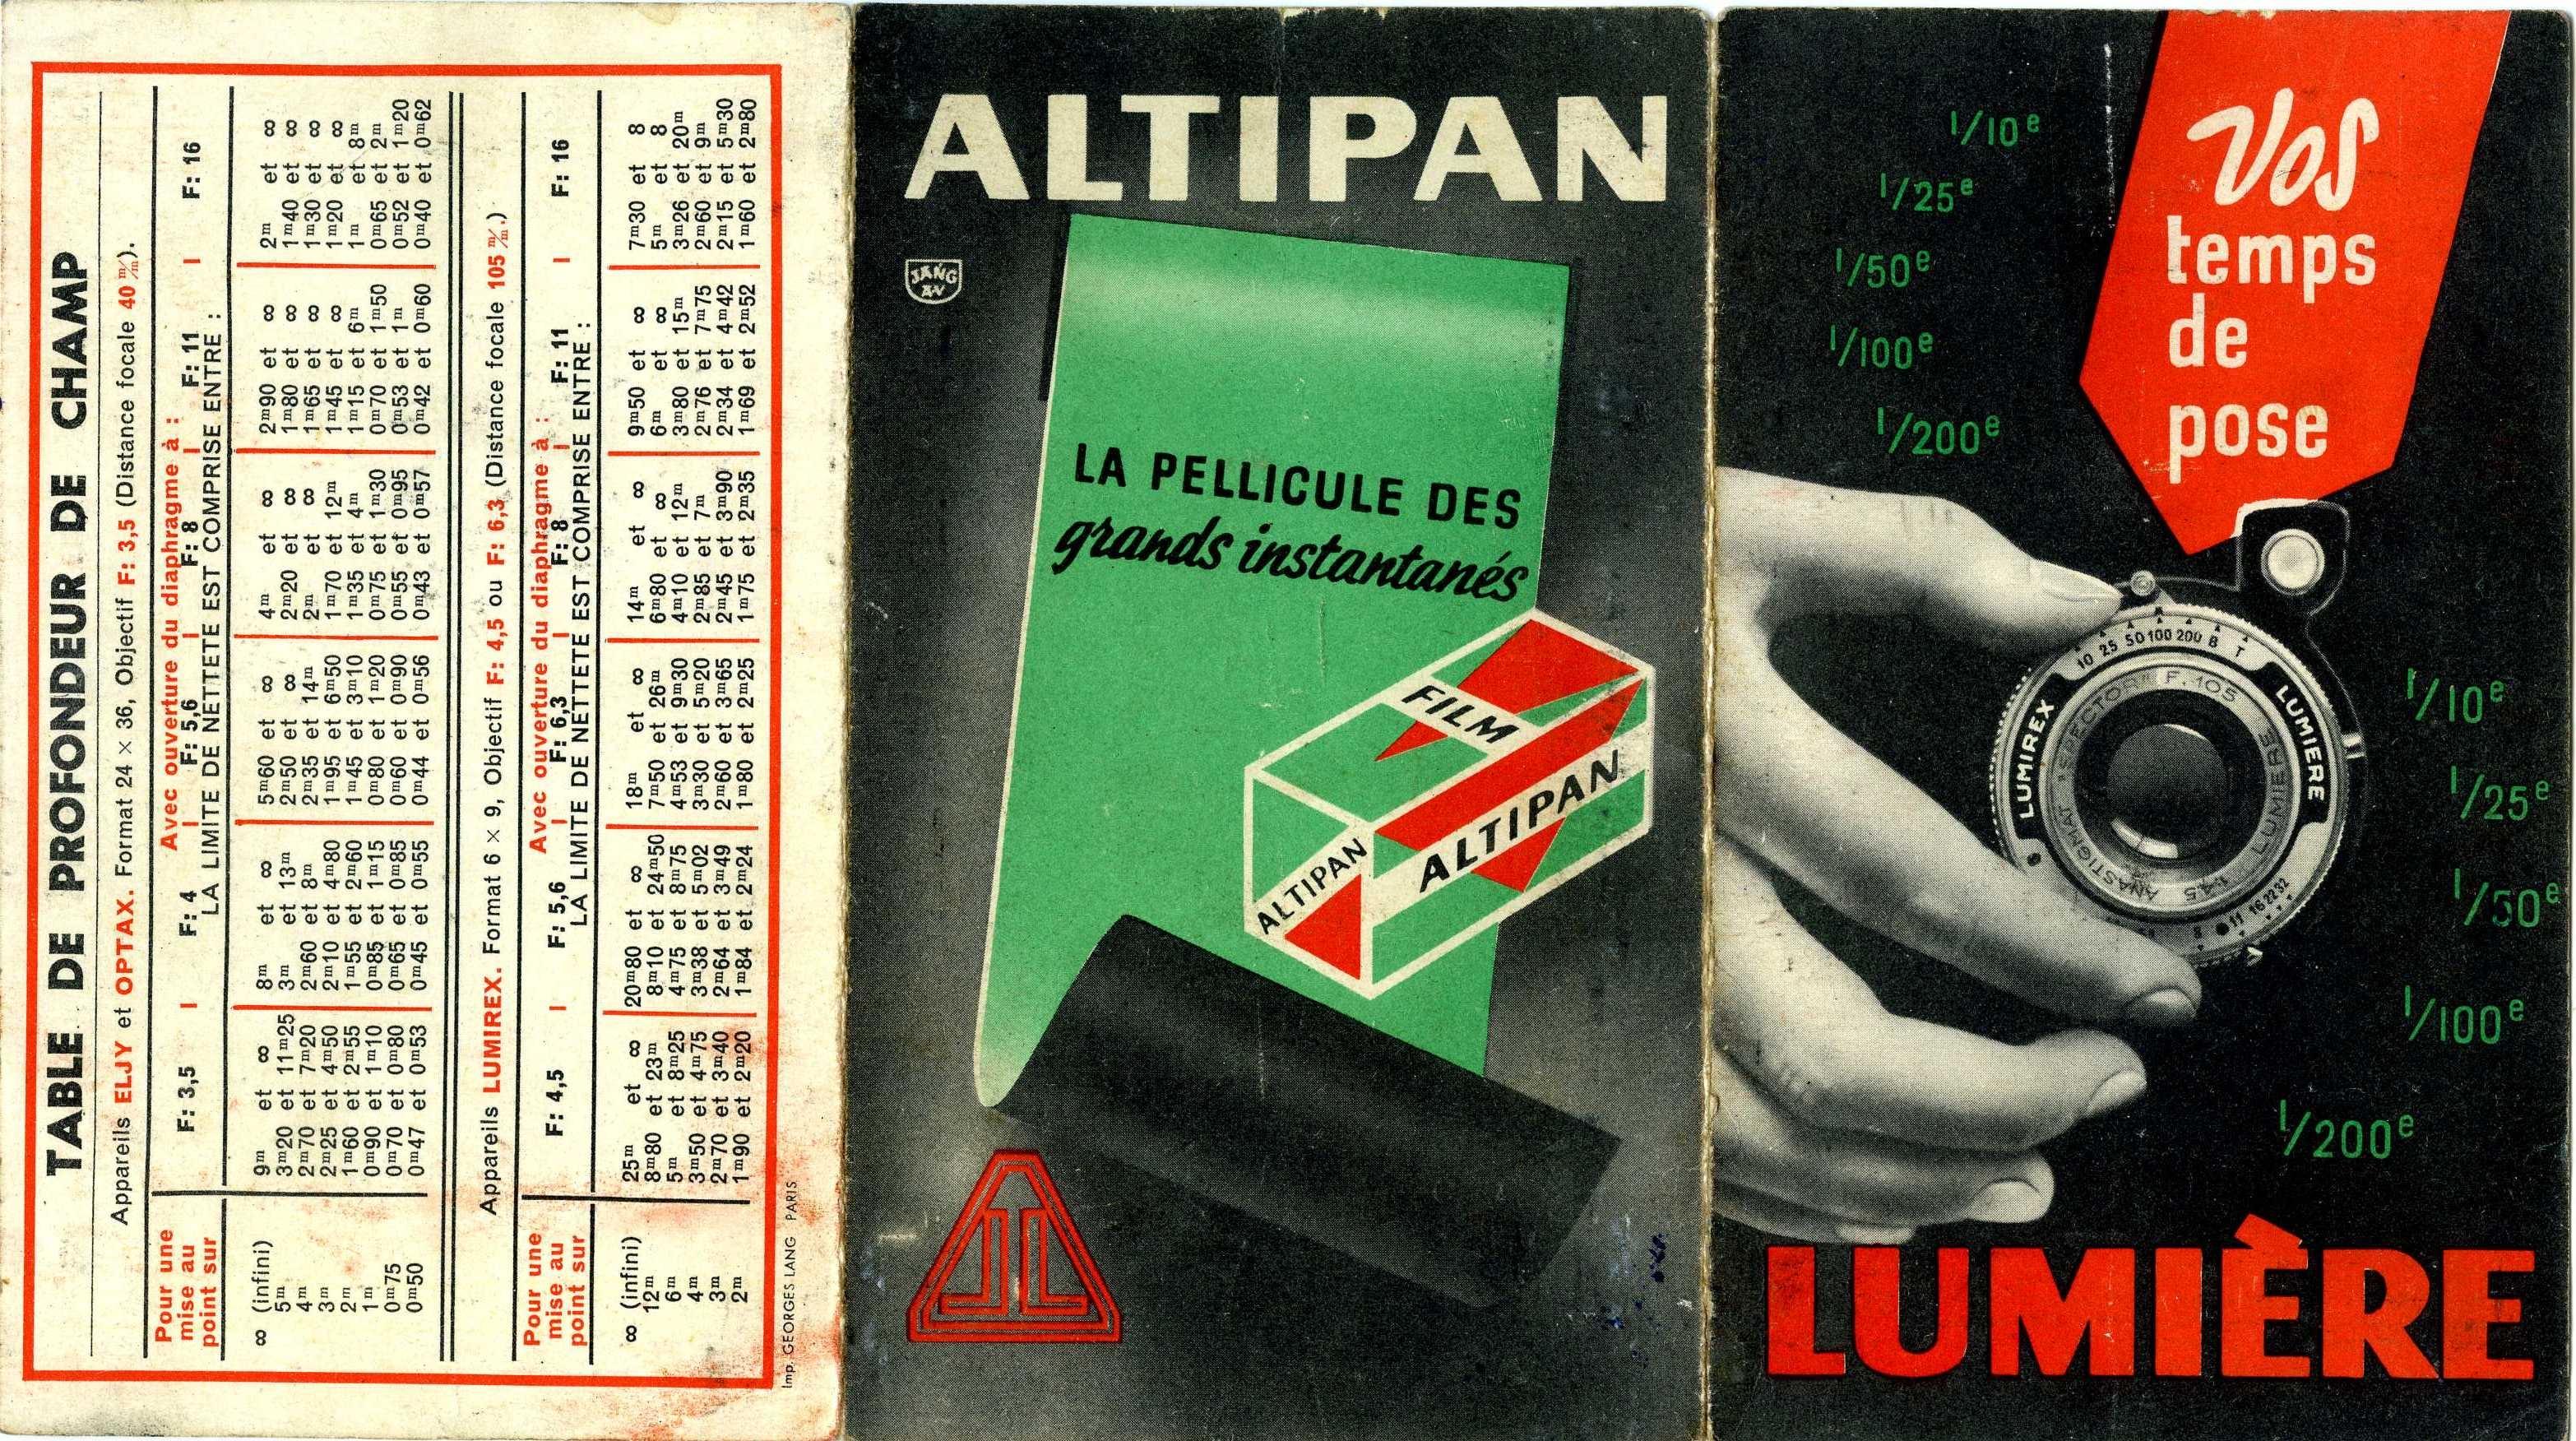 Lumière - Table de temps de pose Altipan